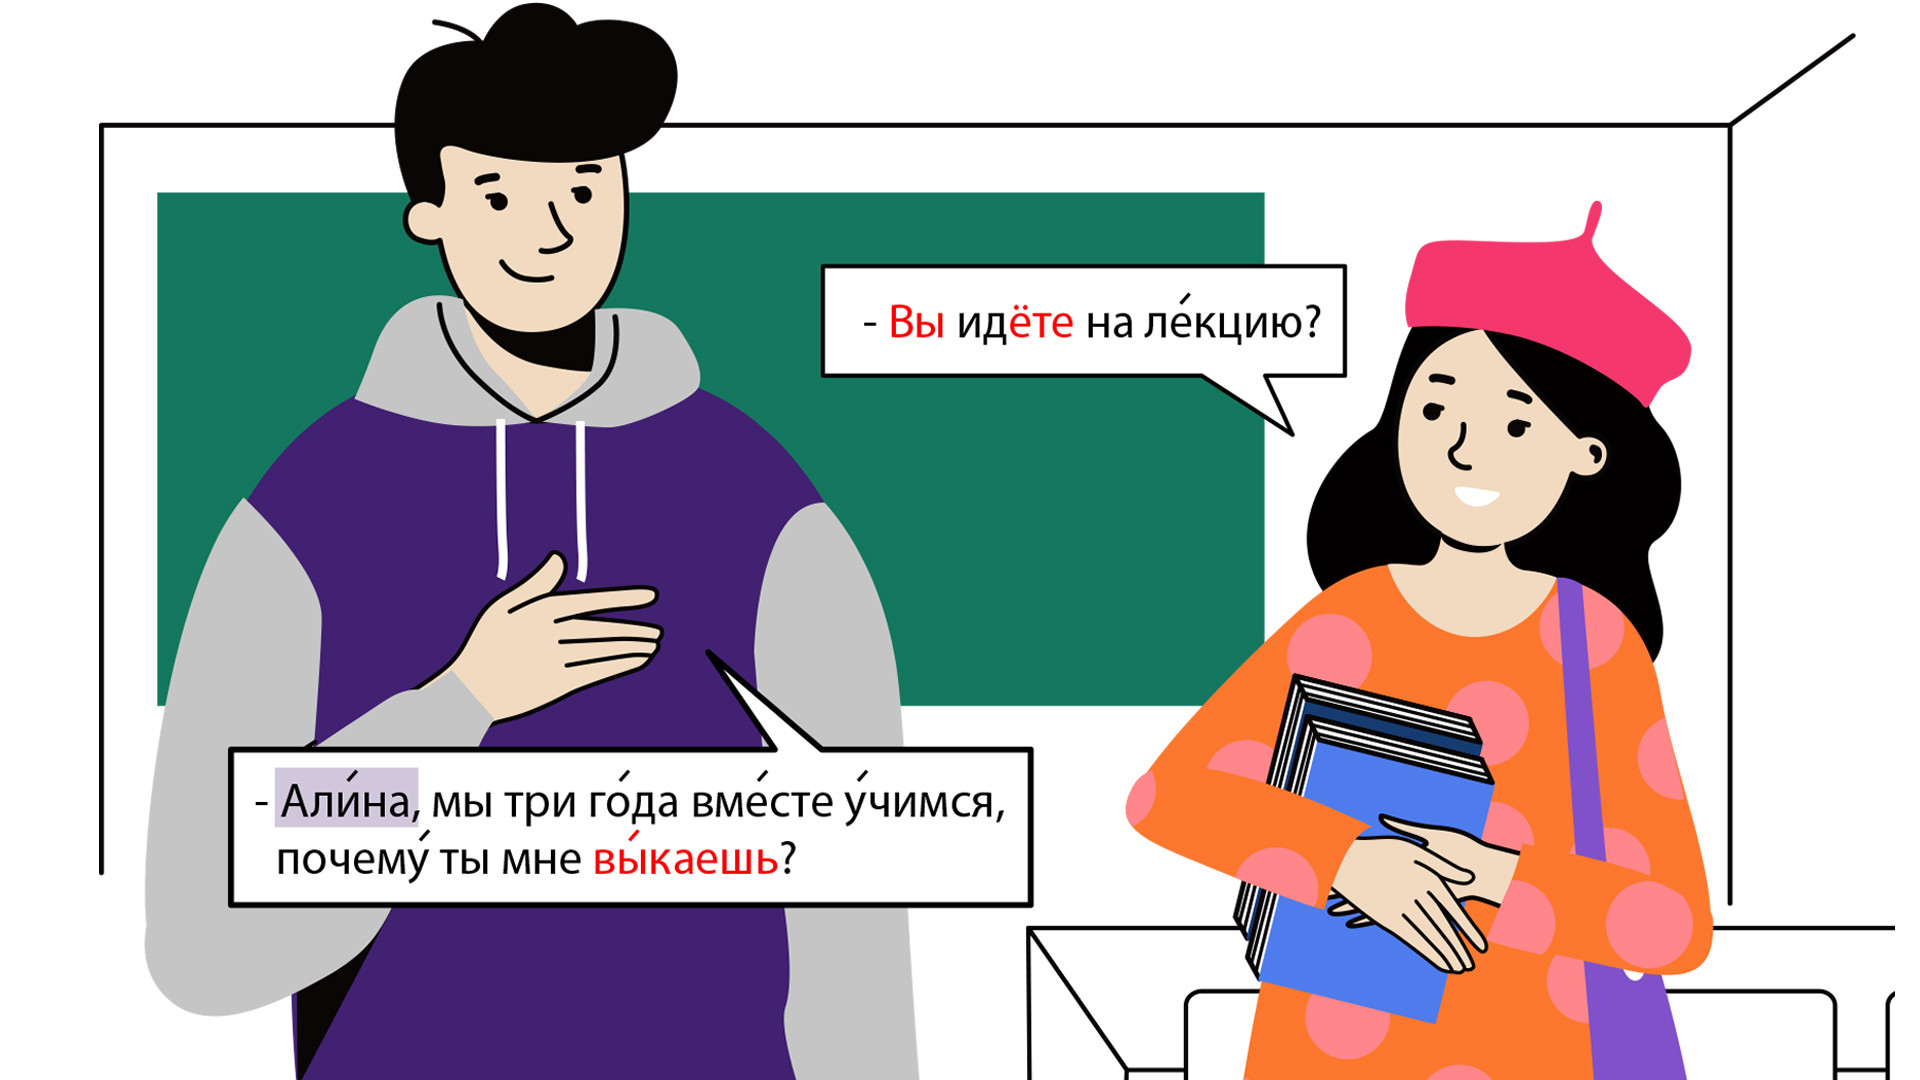 - あなたは講義に行きますか? - アリーナ、僕たちはもう3年間も一緒に勉強しているのに、なぜ「あなた」を使うのさ?